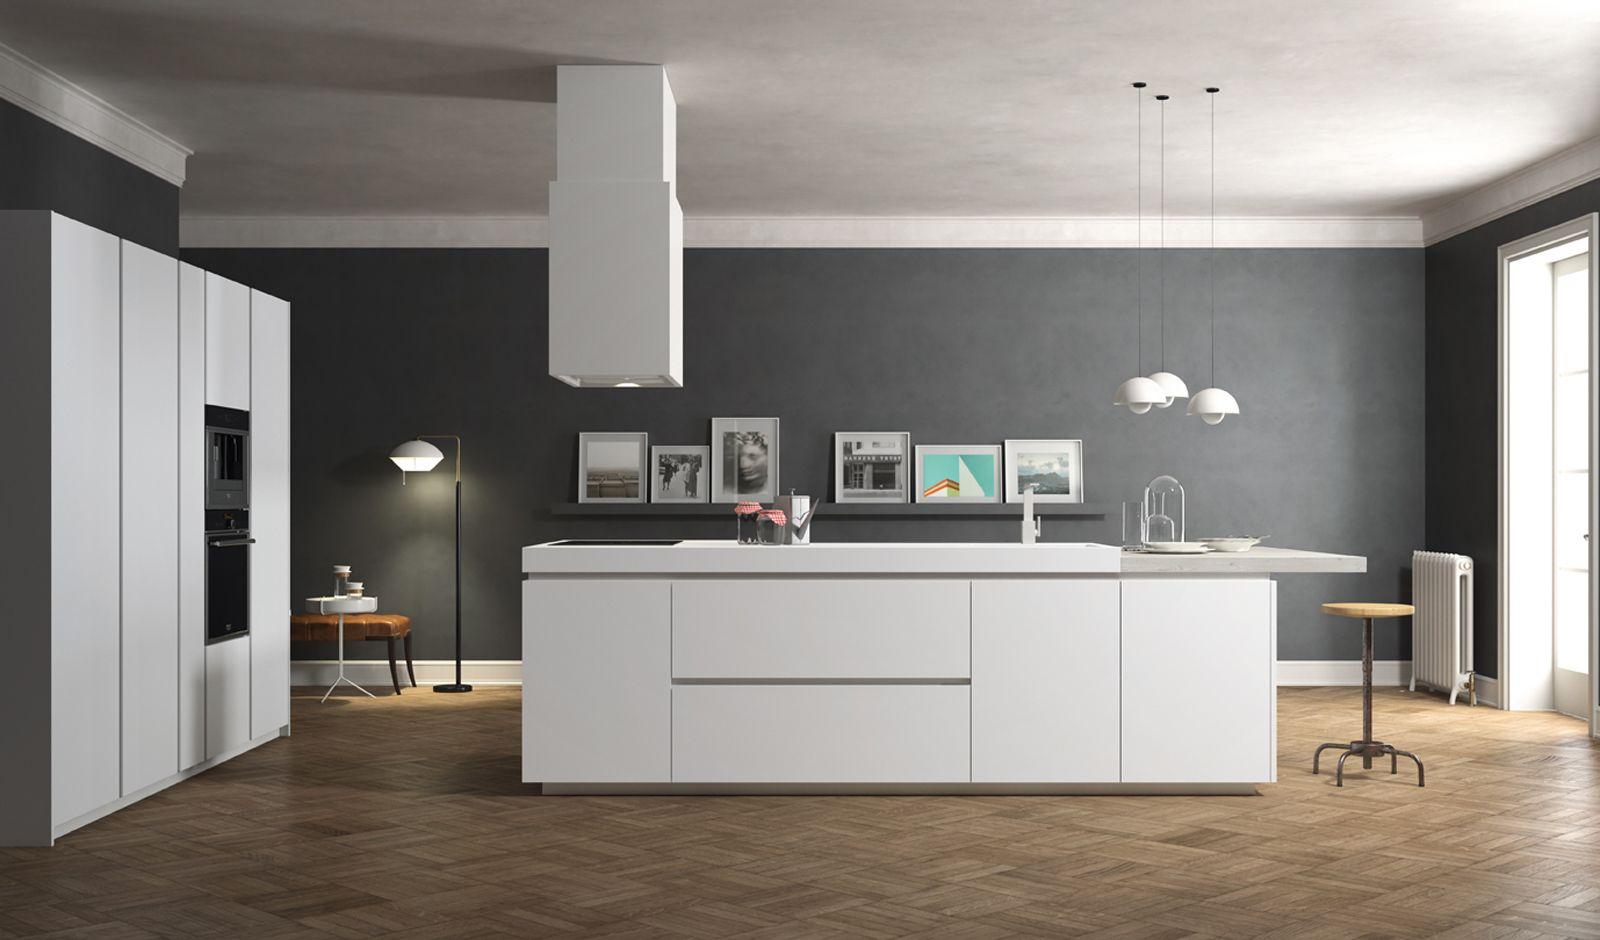 cucina bianca parquet - cerca con google | cucina | pinterest ... - Cucina Bianca Con Isola